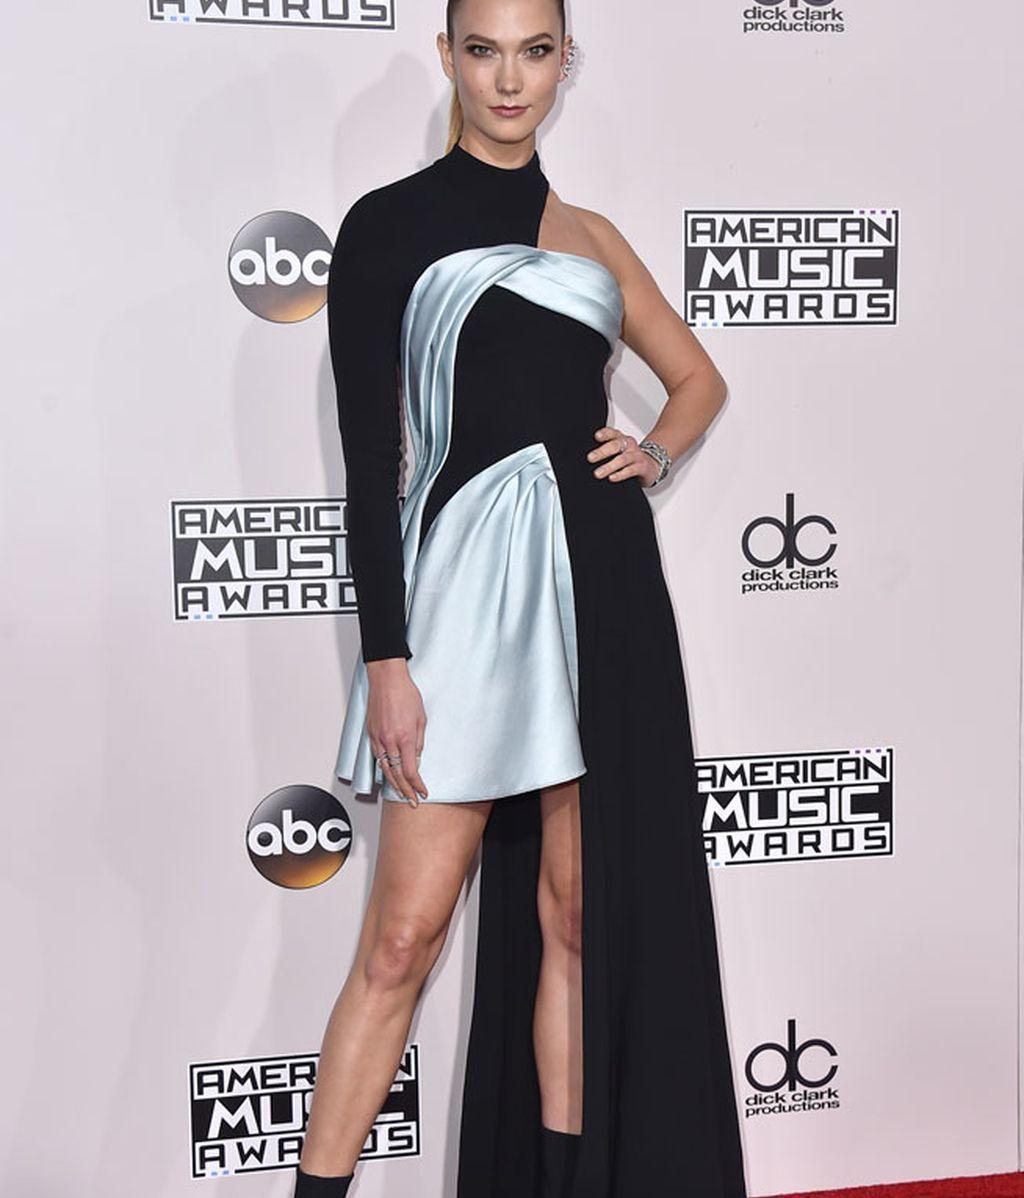 Vestido asimétrico para Karlie Kloss: negro y celeste con calcetines ejecutivos